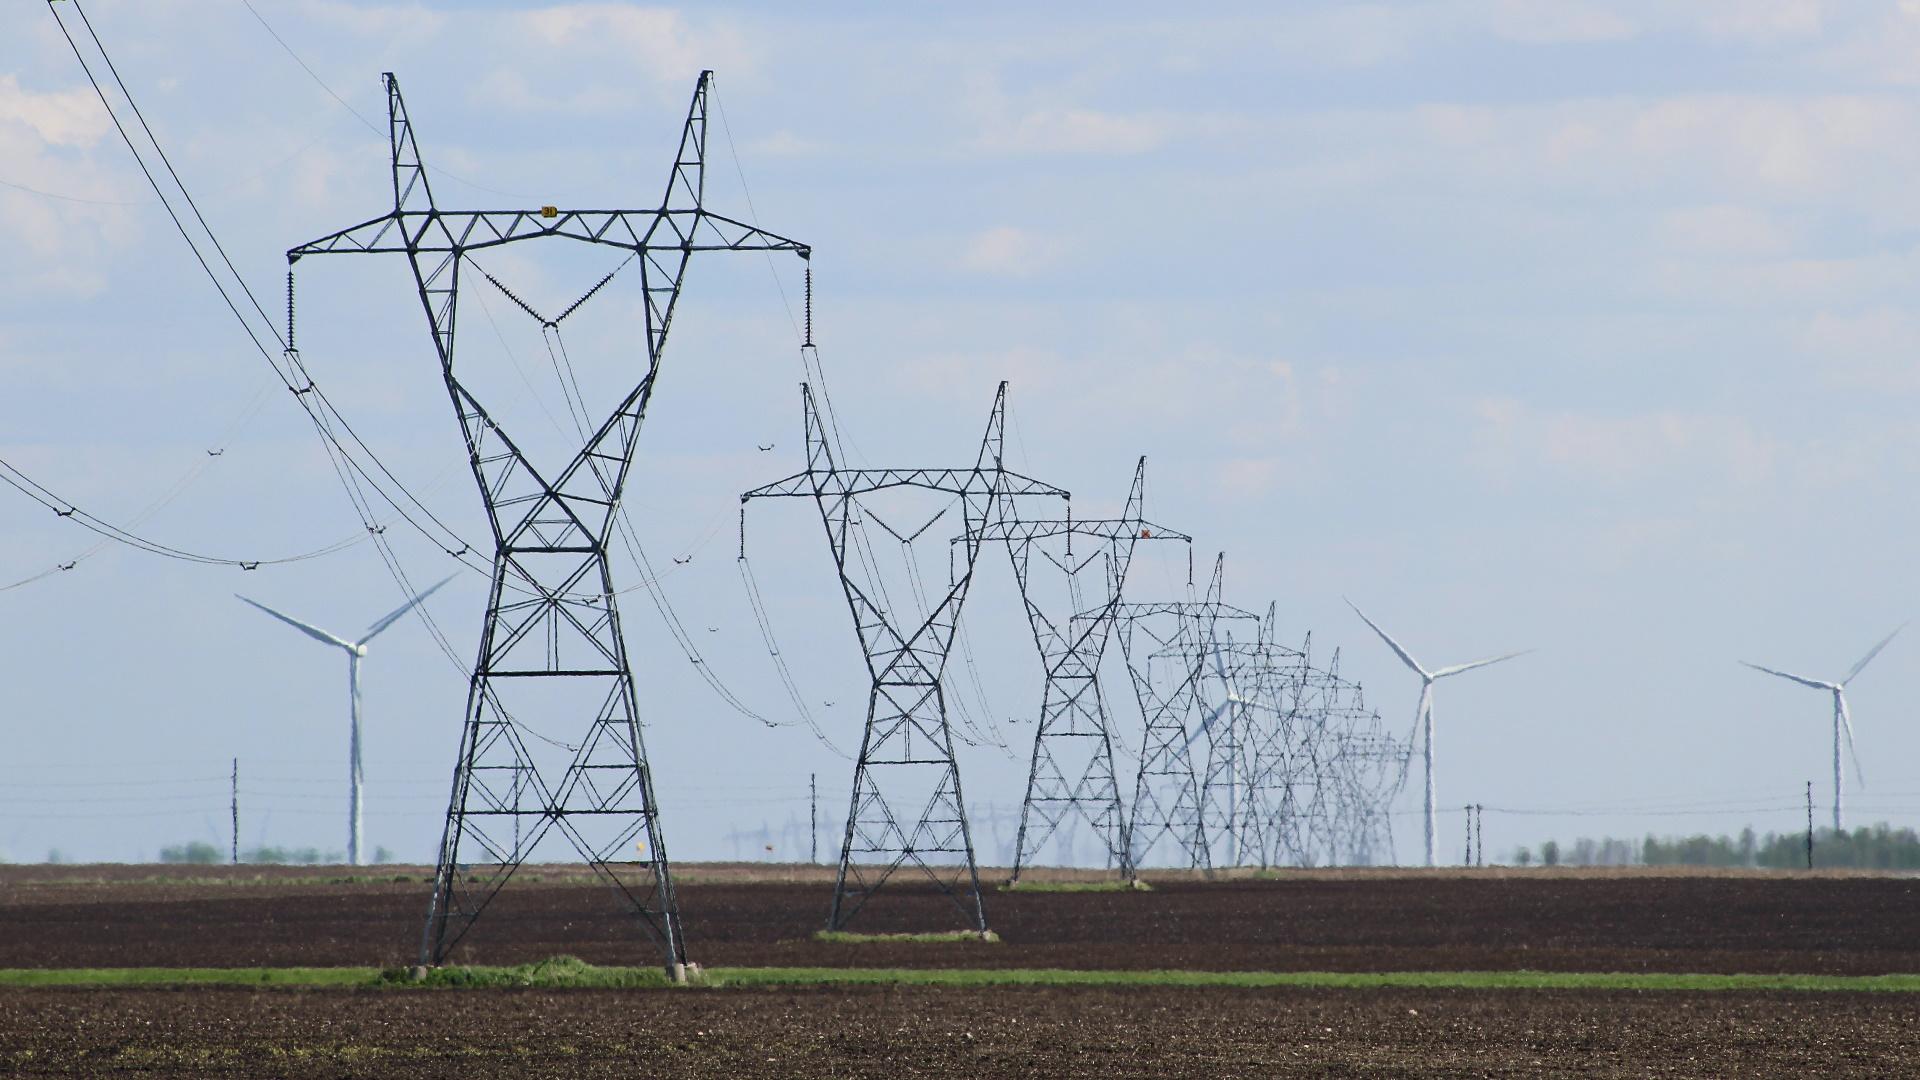 Energía eléctrica electricidad